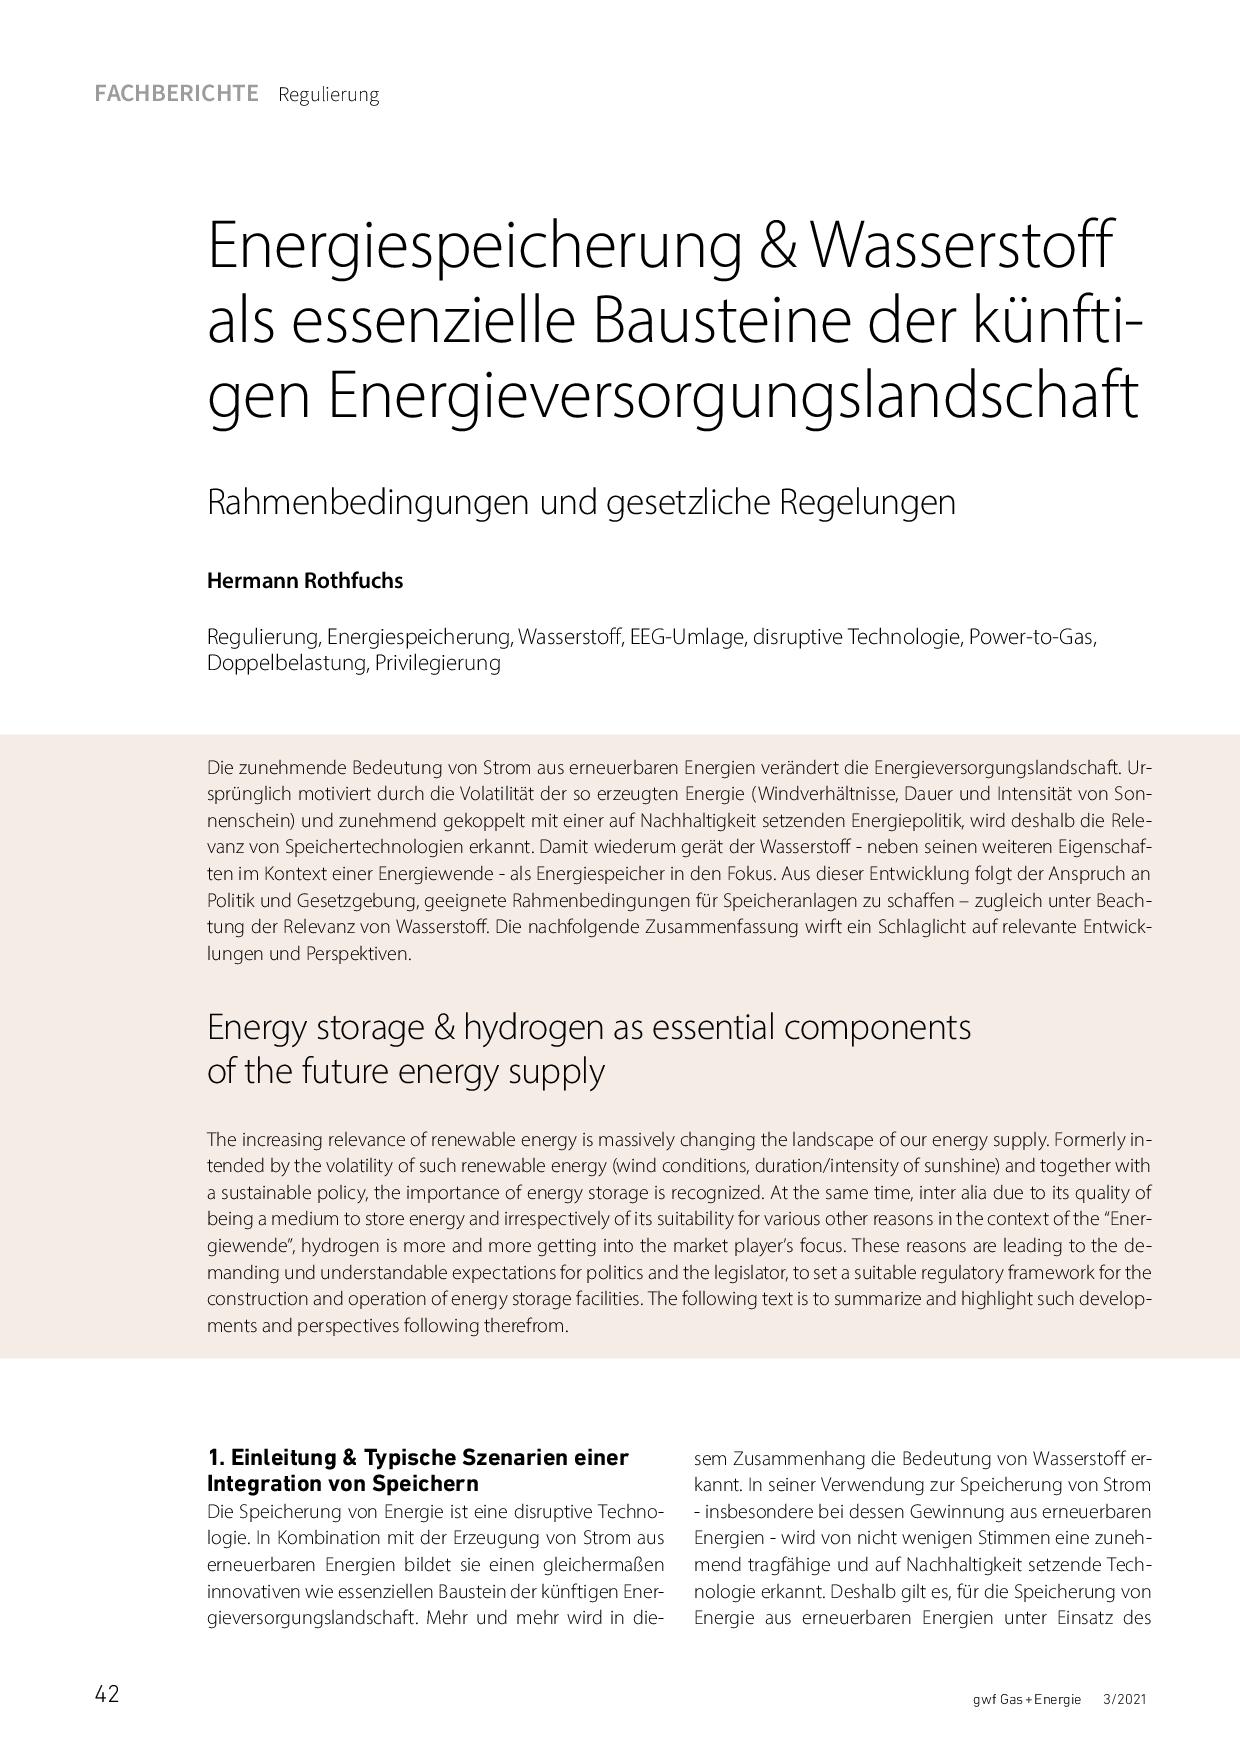 Energiespeicherung & Wasserstoff als essenzielle Bausteine der künftigen Energieversorgungslandschaft